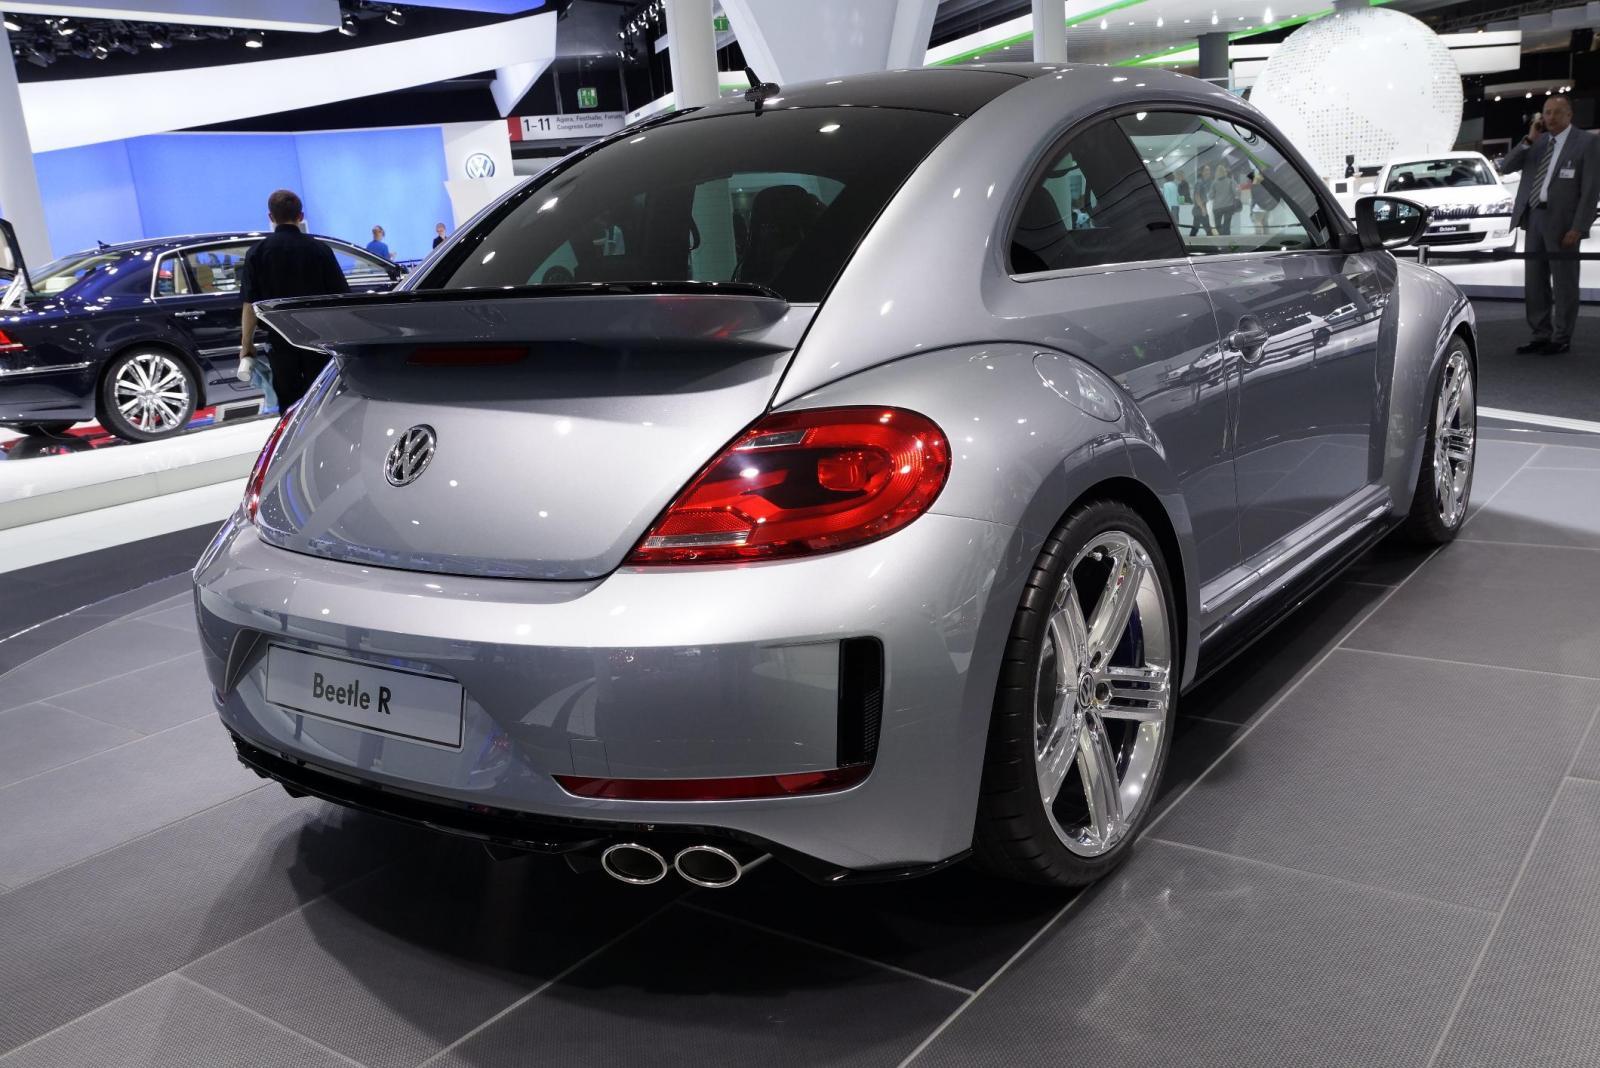 volkswagen beetle r concept revealed at frankfurt motor show. Black Bedroom Furniture Sets. Home Design Ideas